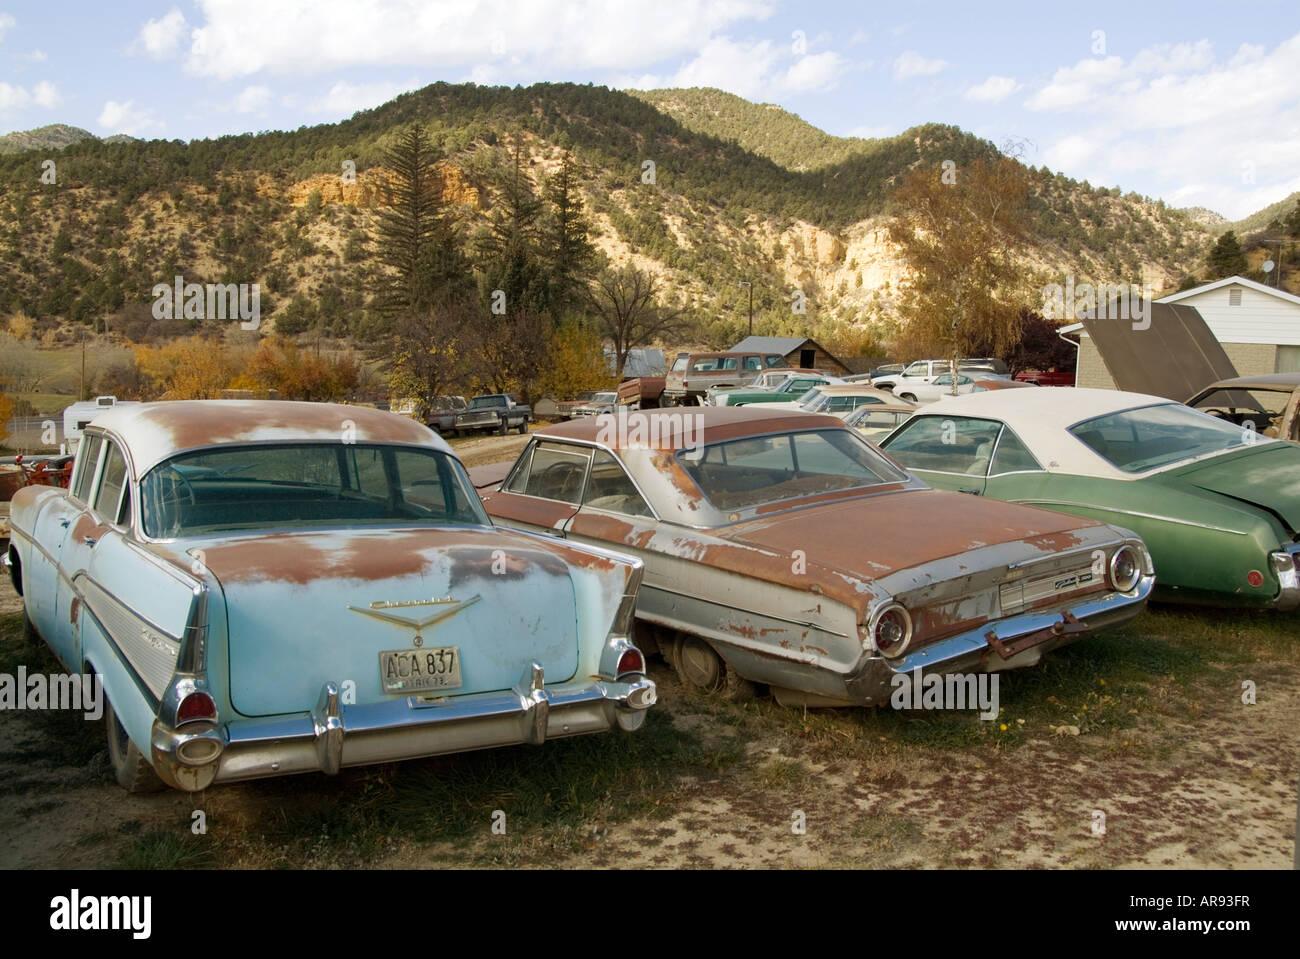 1950s Junkyard Stock Photos & 1950s Junkyard Stock Images - Alamy